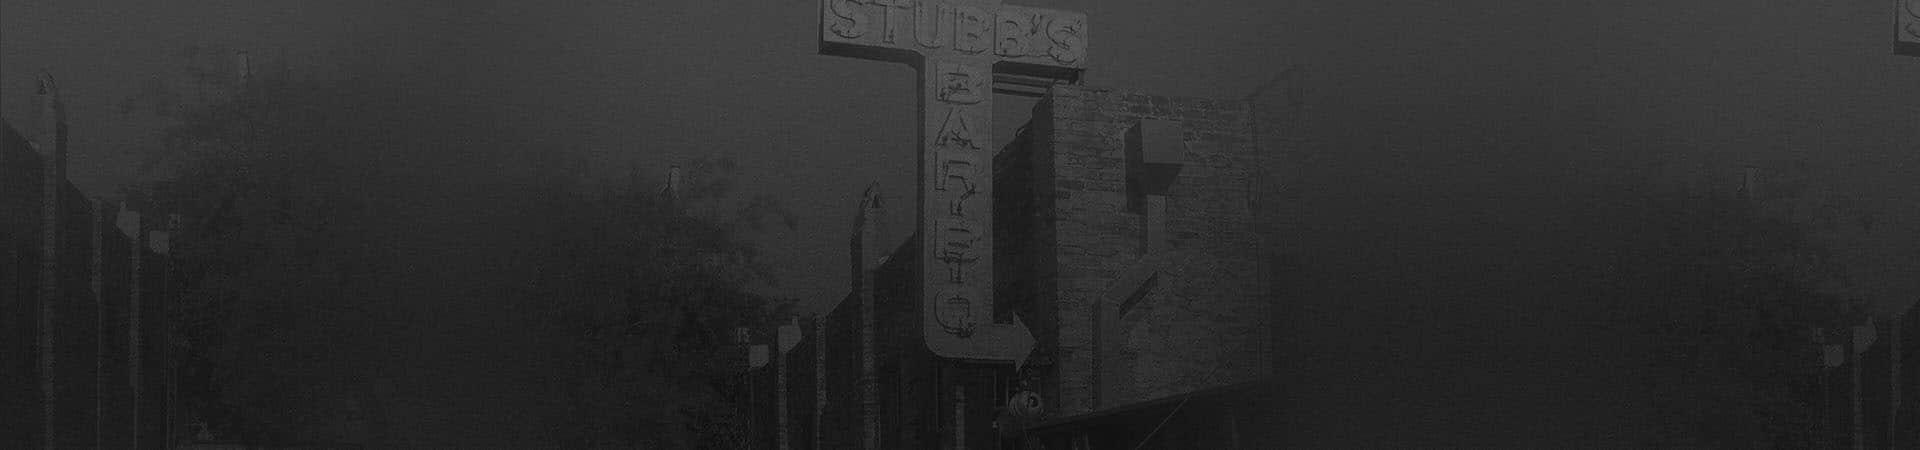 Slide-Stubbs-BG